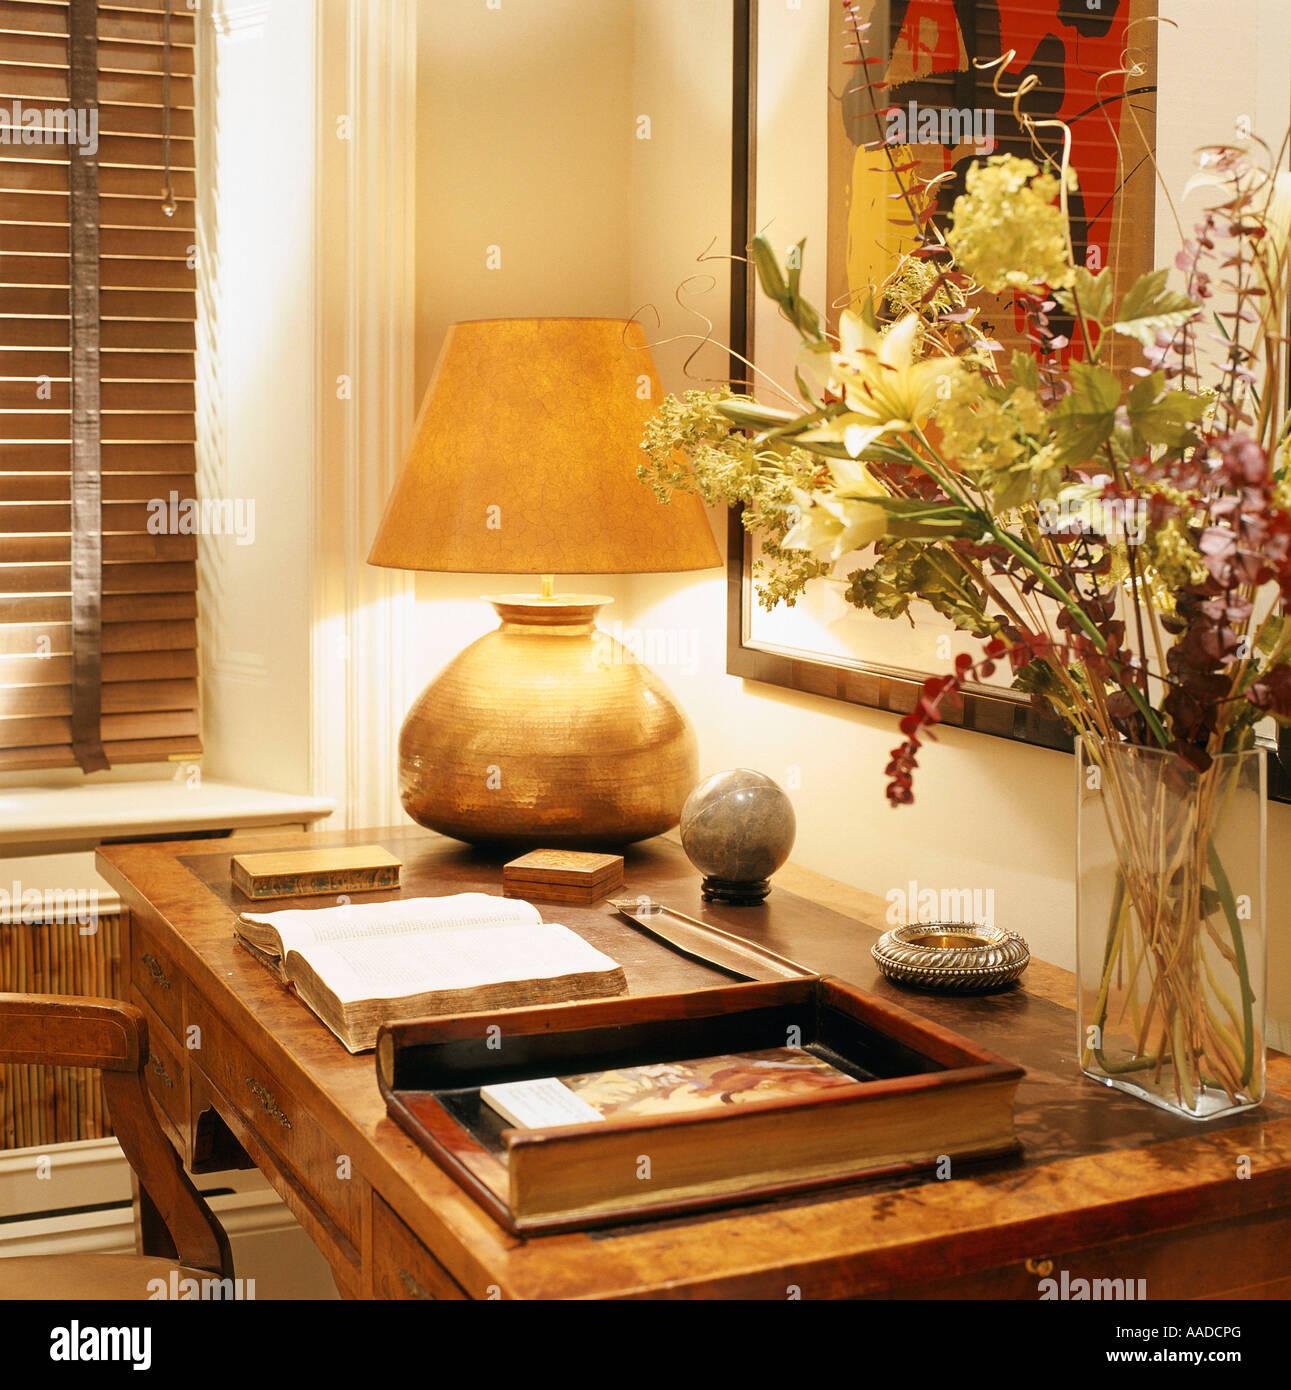 Oro lámpara encendida y el arreglo floral en el escritorio con libro abierto Imagen De Stock